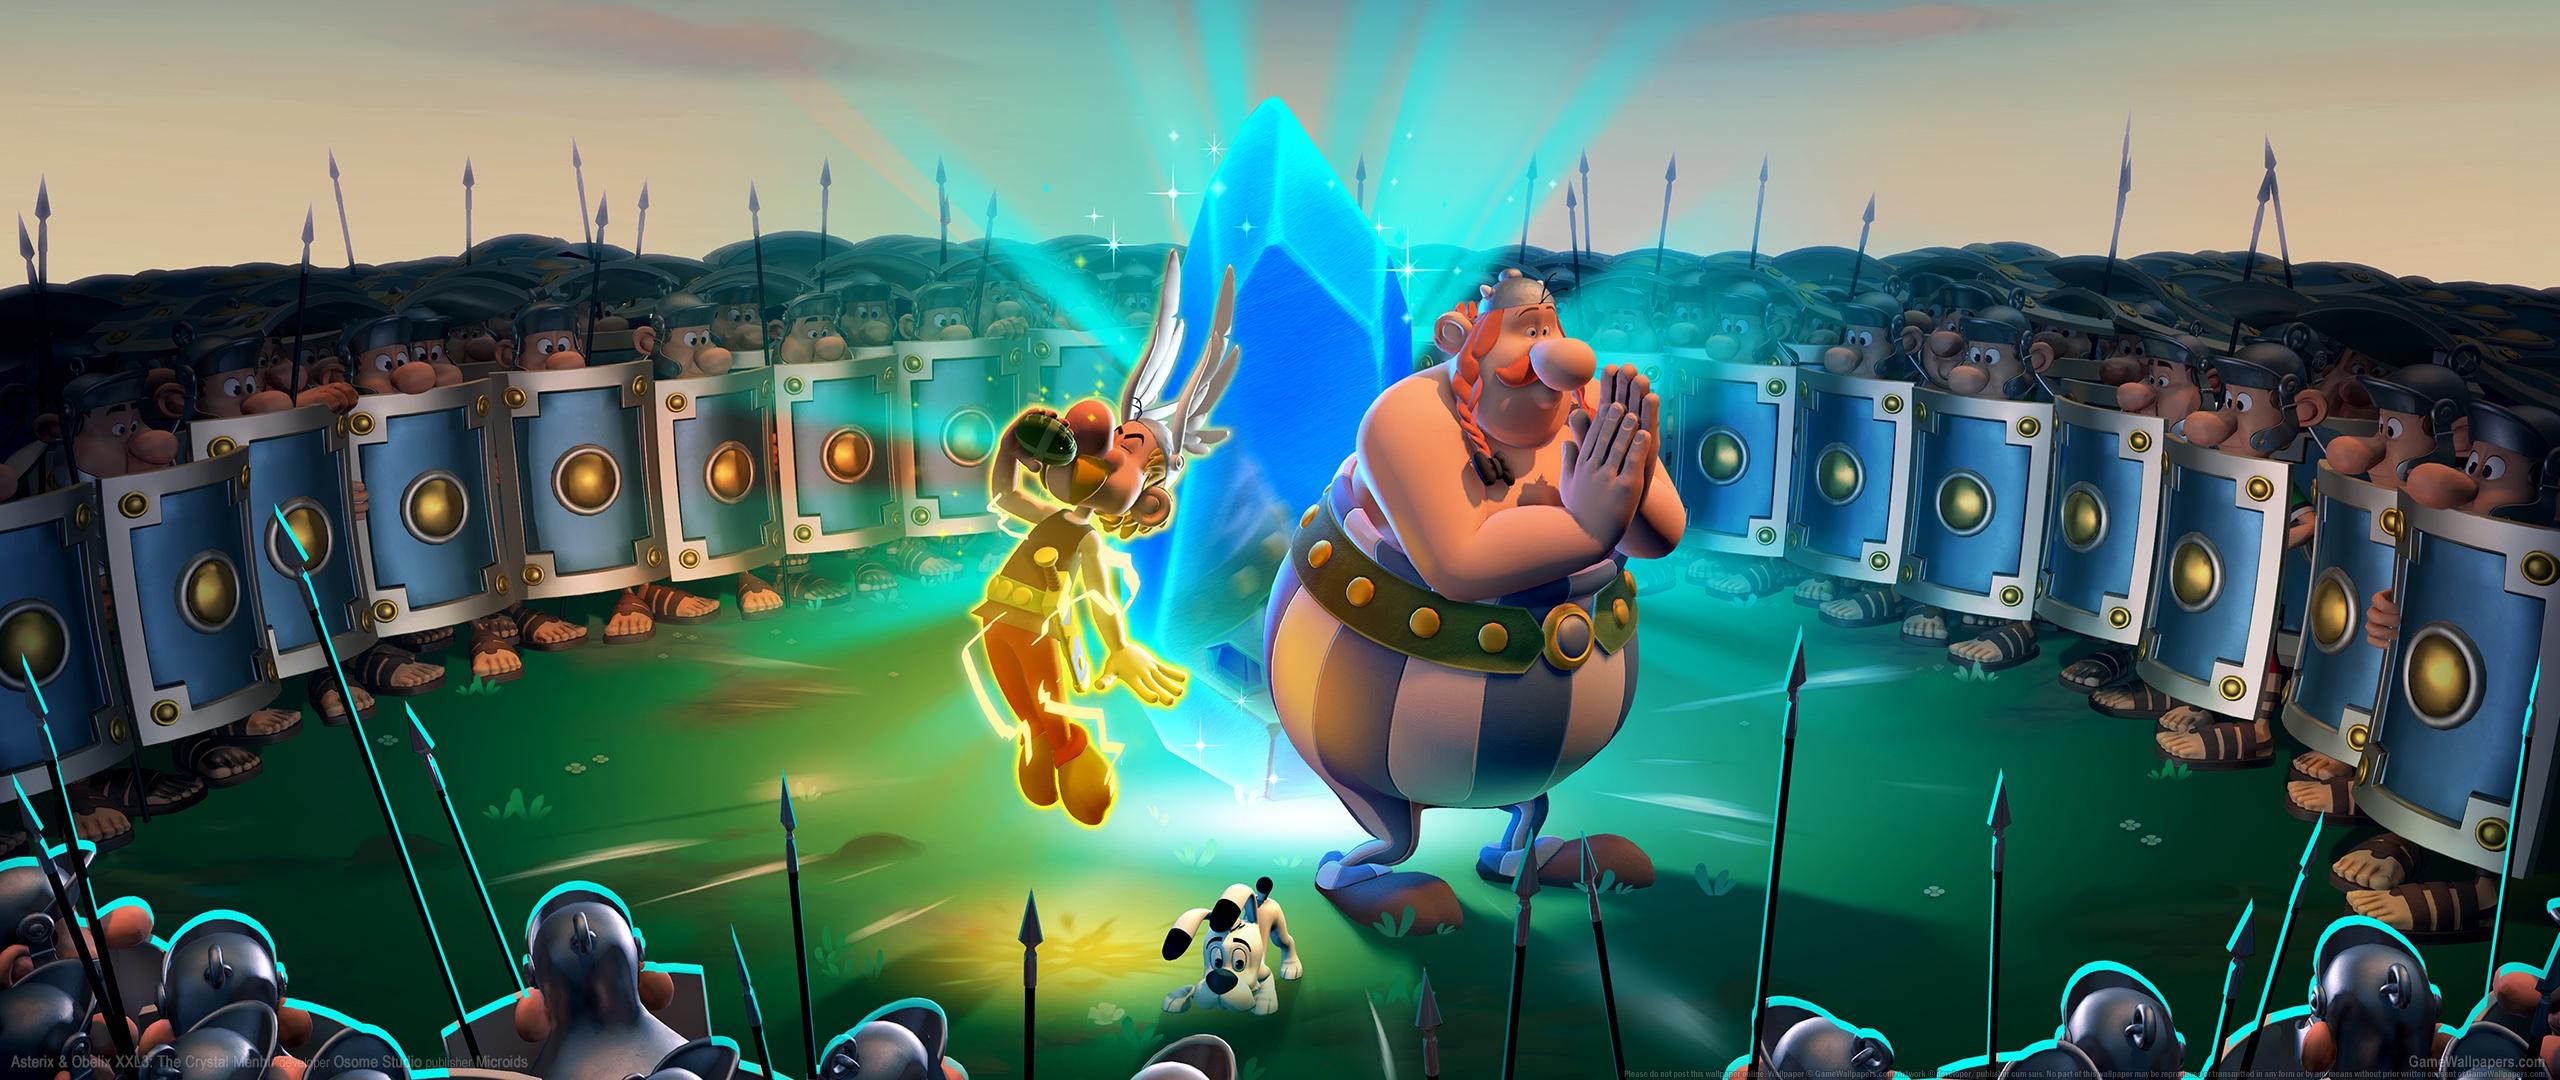 Asterix & Obelix XXL3: The Crystal Menhir 2560x1080 Hintergrundbild 01